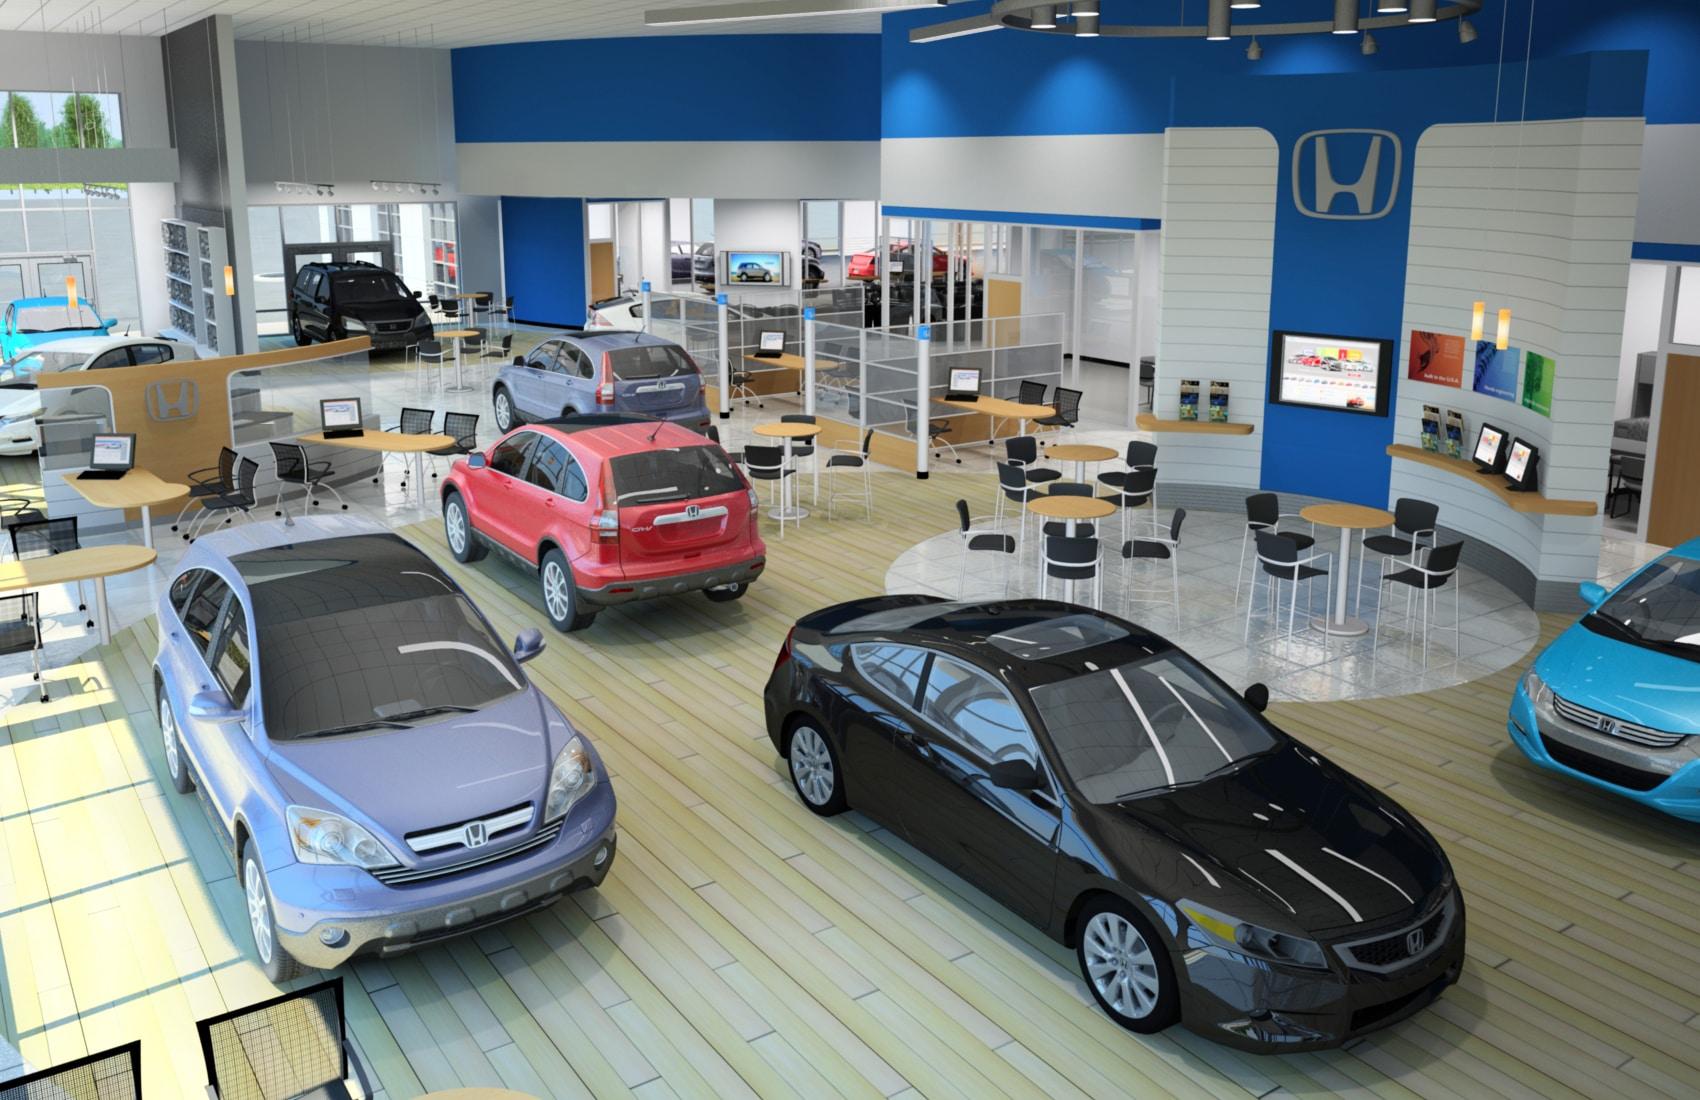 Larry H Miller Boise >> All New Larry H. Miller Honda Dealership - Now Open in ...